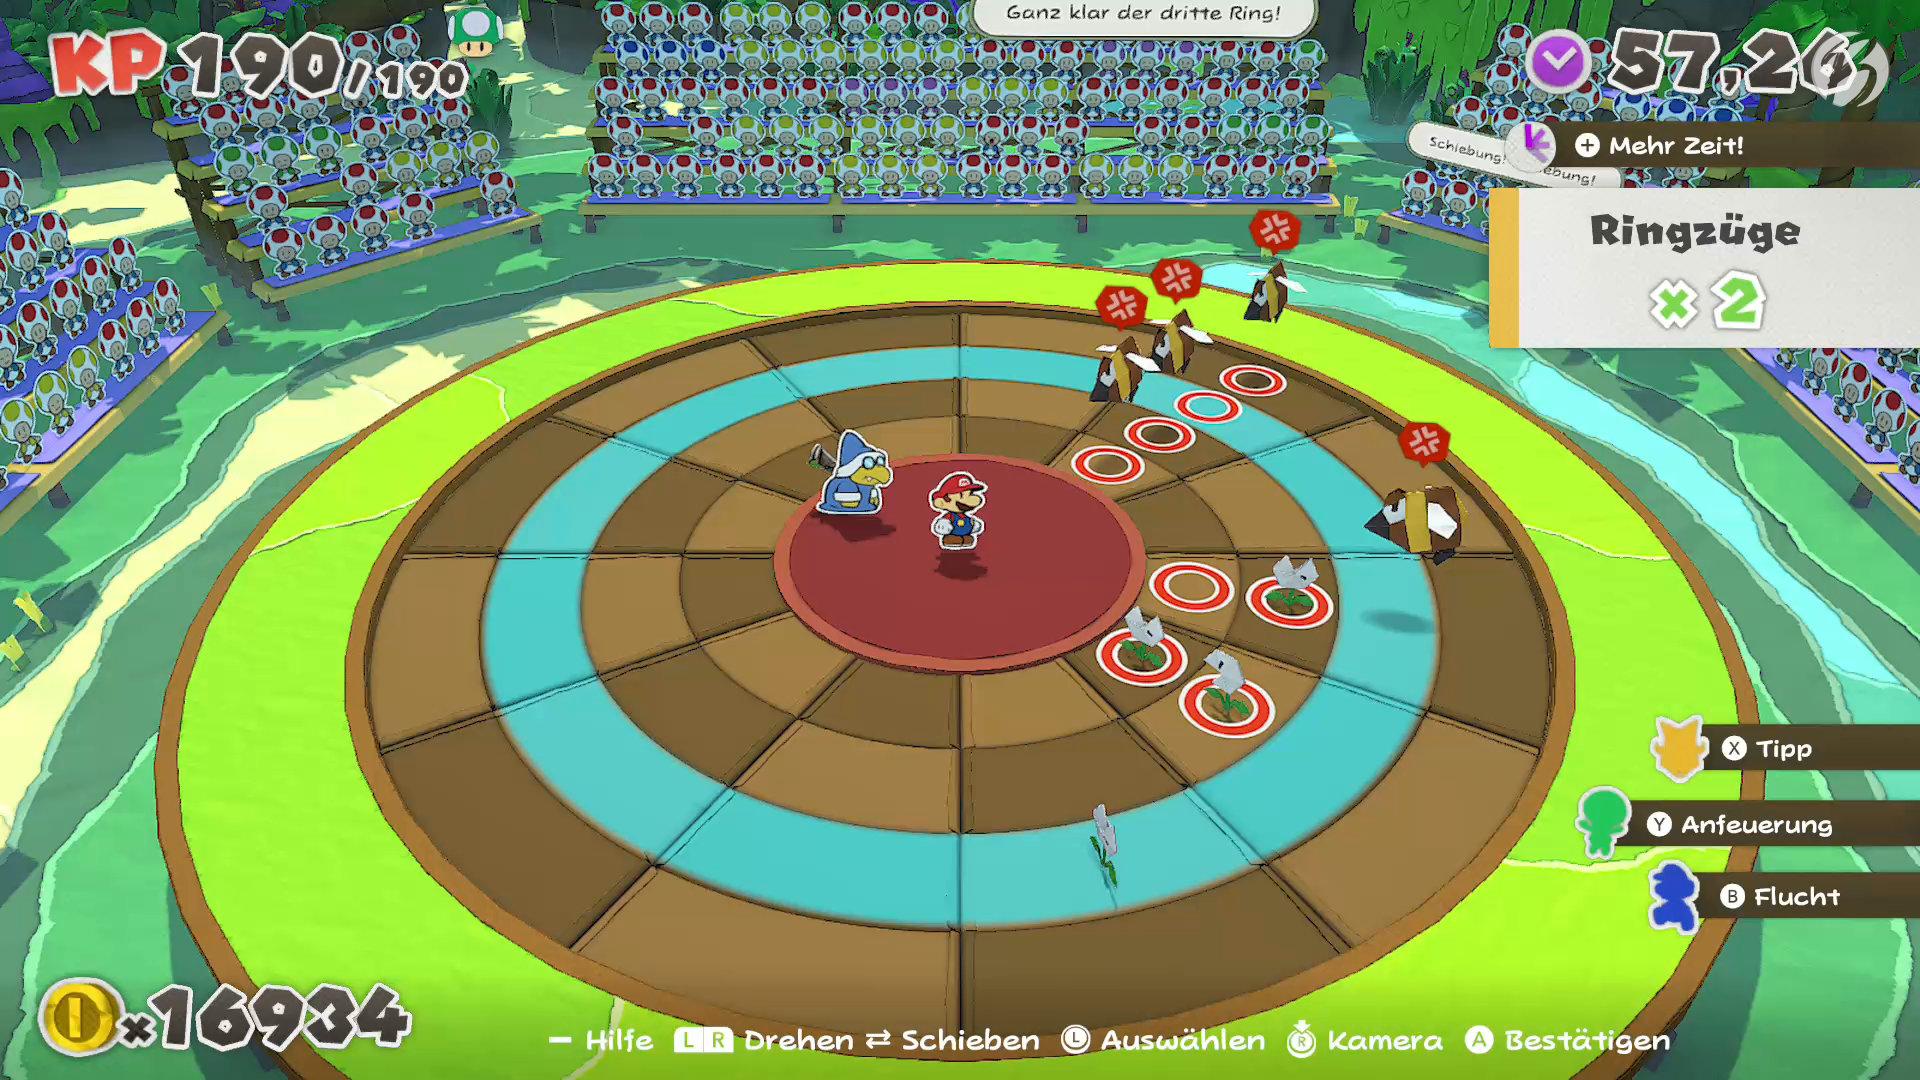 Paper Mario: The Origami King - Die Ringe unter den Gegner helfen bei der Anordnung der Bösewichte und lassen sich in den Spieloptionen aktivieren.